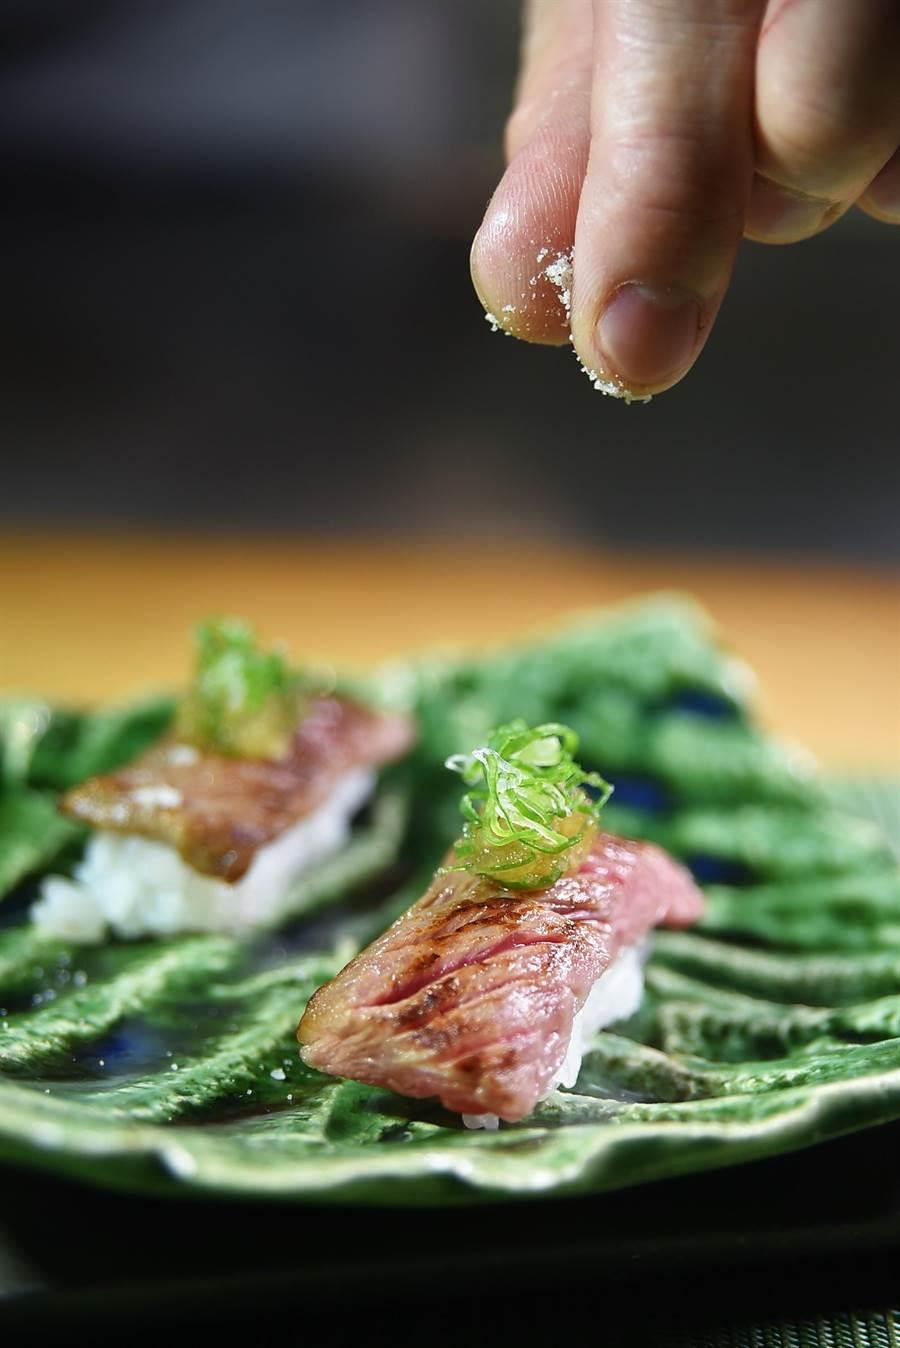 用香煎神戶牛搭配醋飯作的握壽司,風味與口感比鮪魚大腹握壽司更吸引人。(圖/姚舜攝)